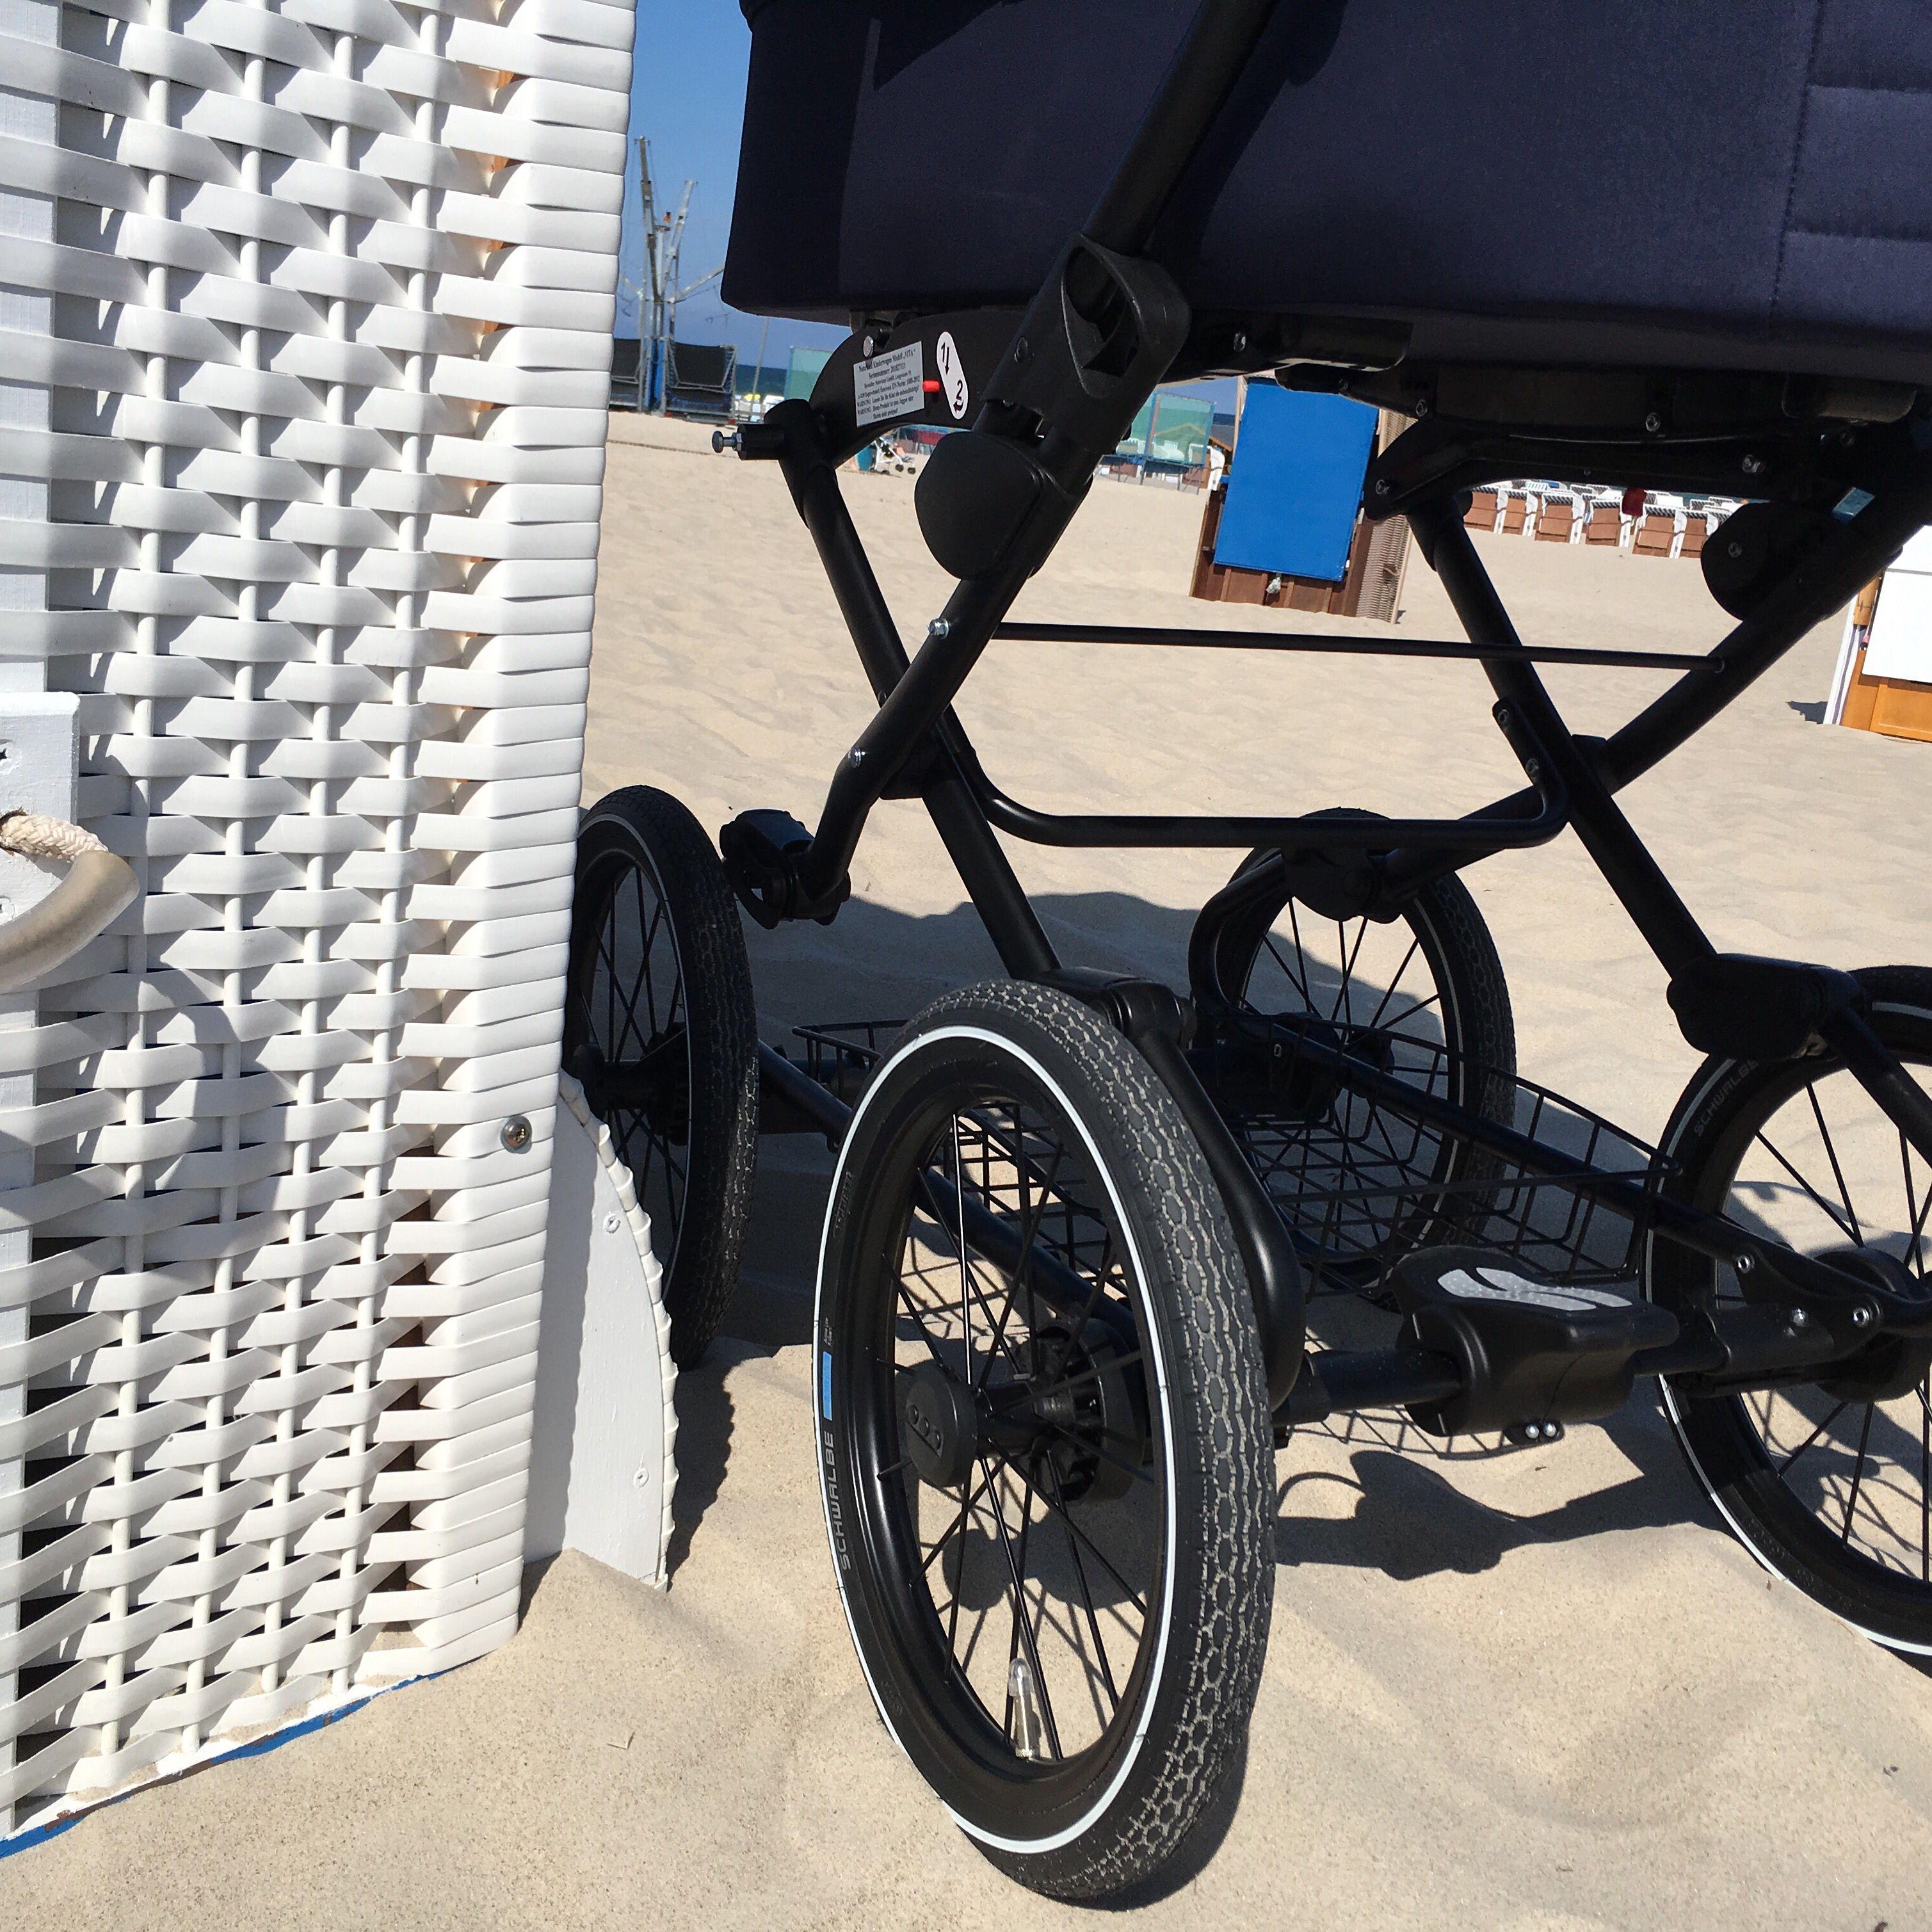 Gots Zertifiziert Naturstoffe Gross Und Hochwertiger Kinderwagen Kinderwagen Naturkind Kinderwagen